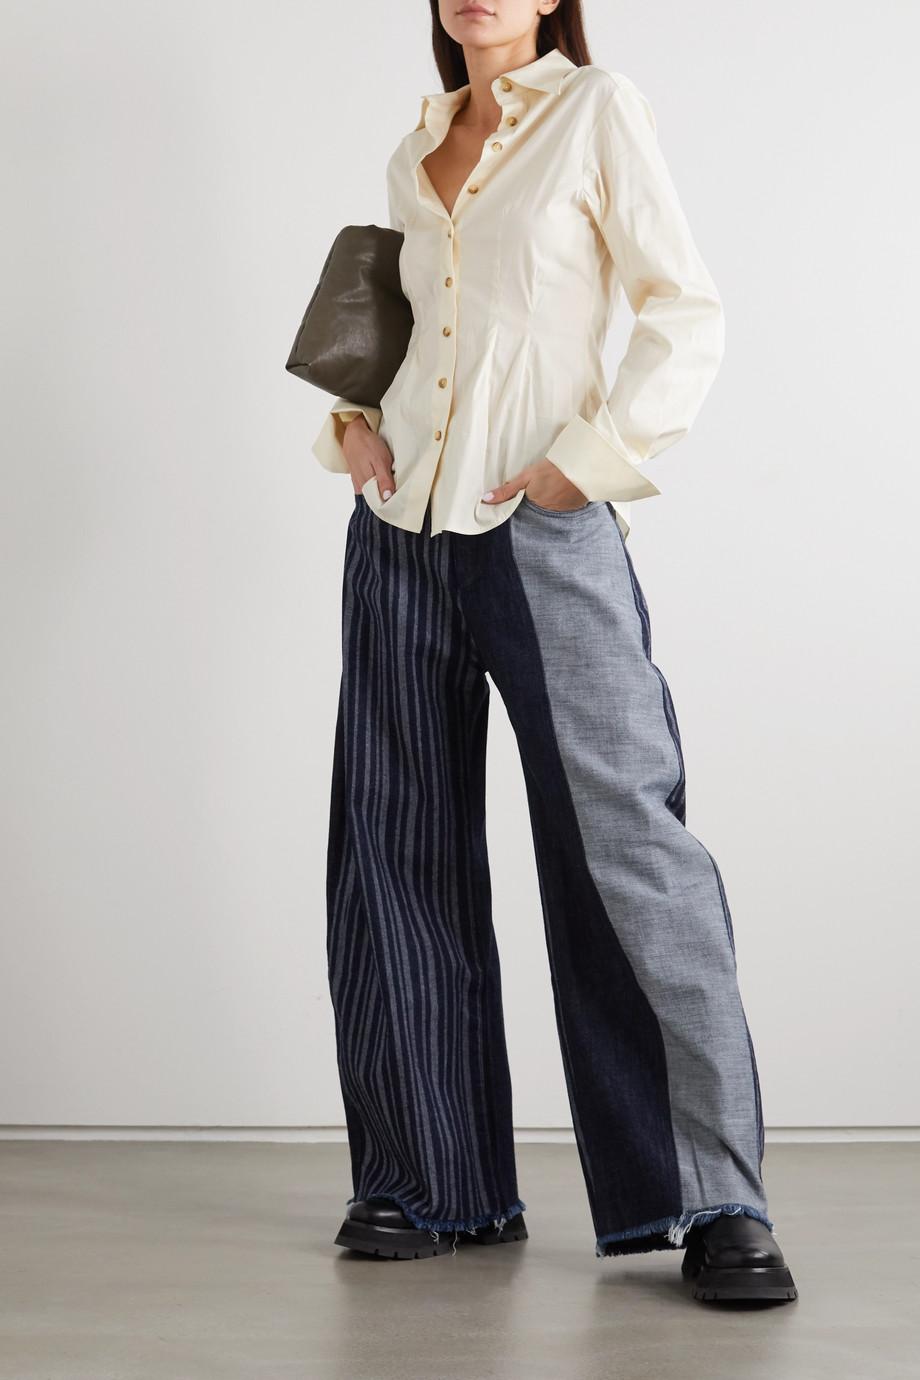 Marques' Almeida + NET SUSTAIN ReM'Ade patchwork boyfriend jeans